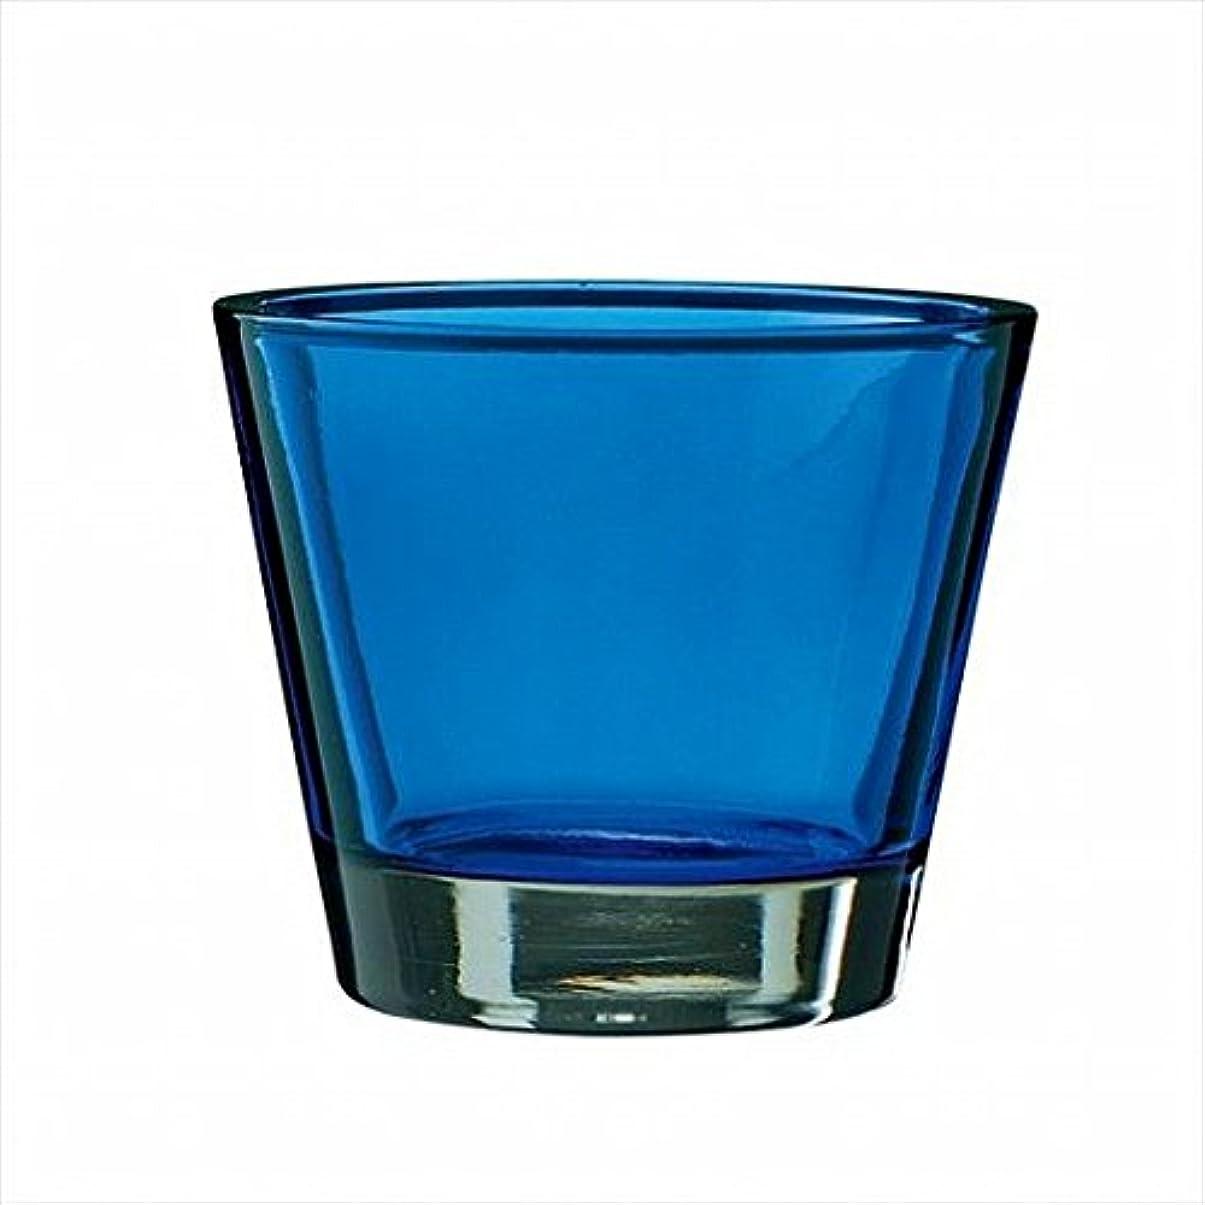 落花生鑑定人に関する限りkameyama candle(カメヤマキャンドル) カラリス 「 ブルー 」 キャンドル 82x82x70mm (J2540000B)